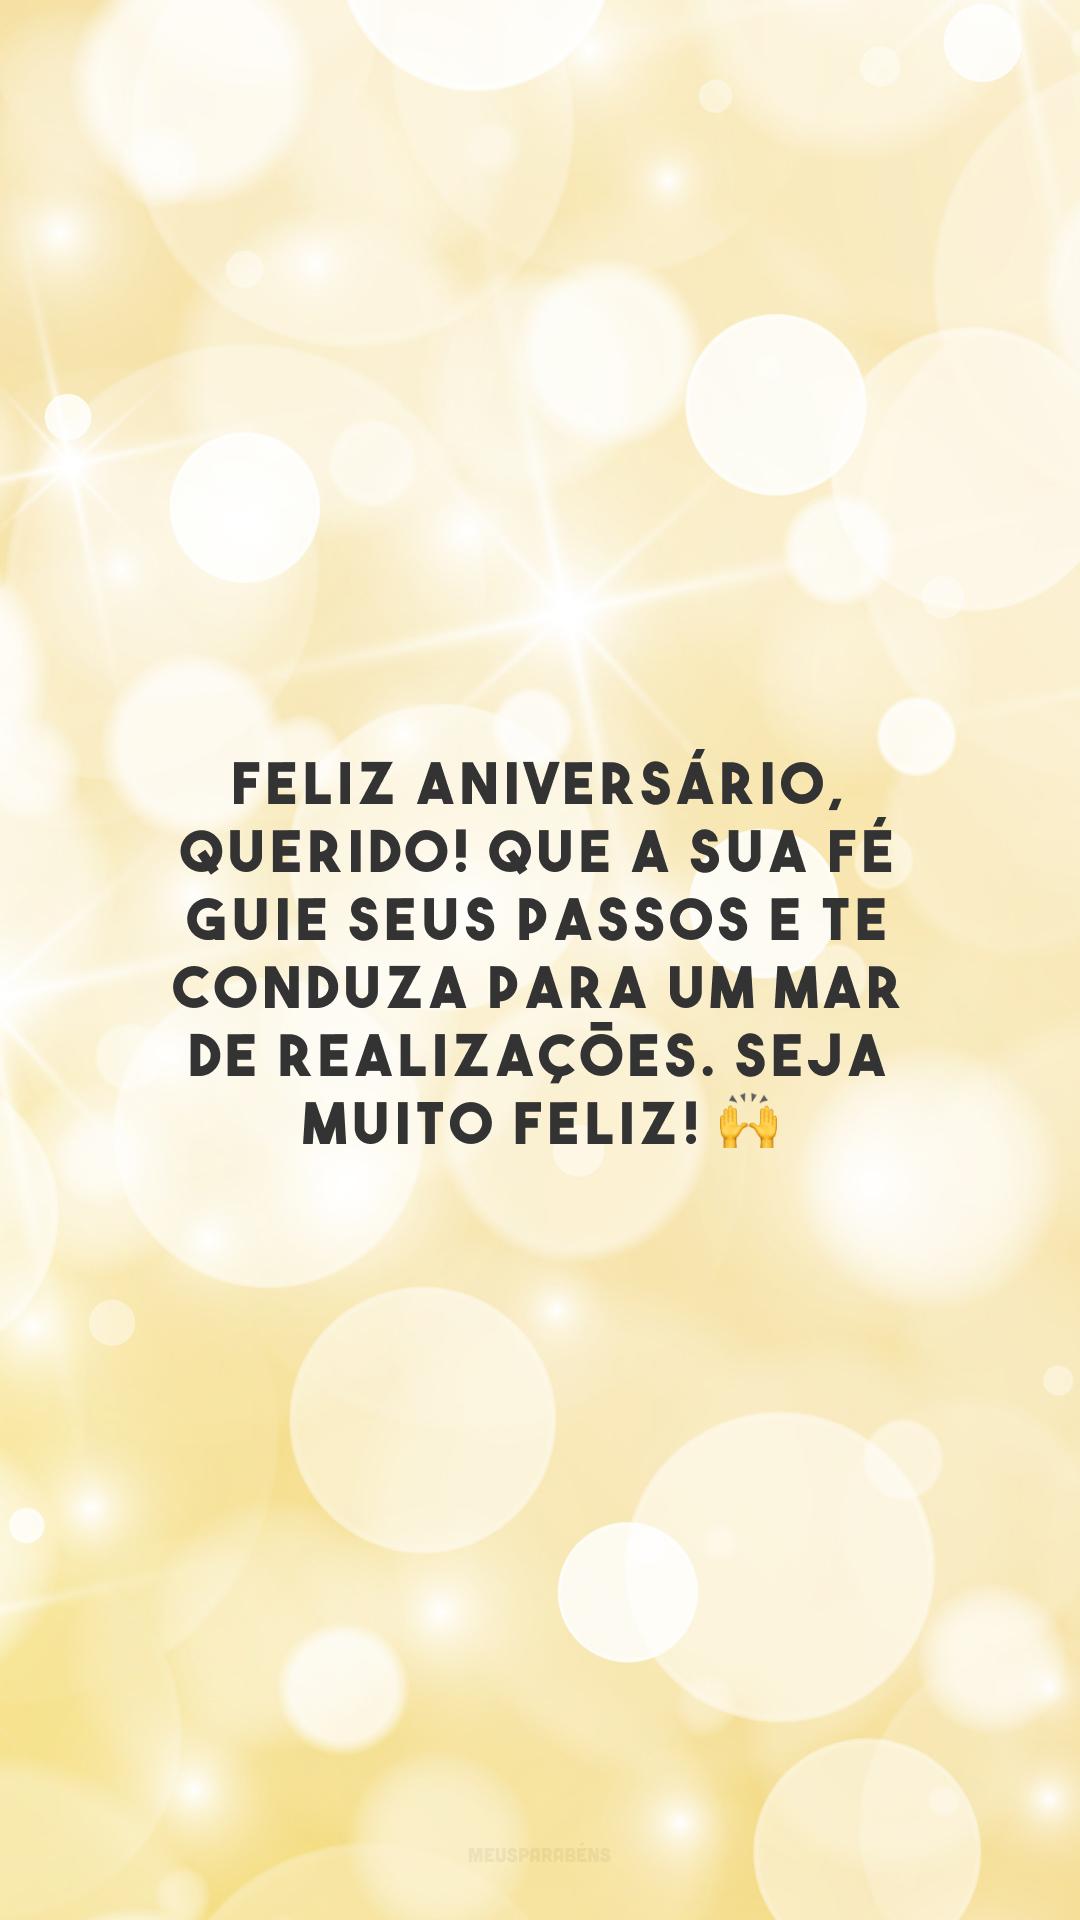 Feliz aniversário, querido! Que a sua fé guie seus passos e te conduza para um mar de realizações. Seja muito feliz! 🙌